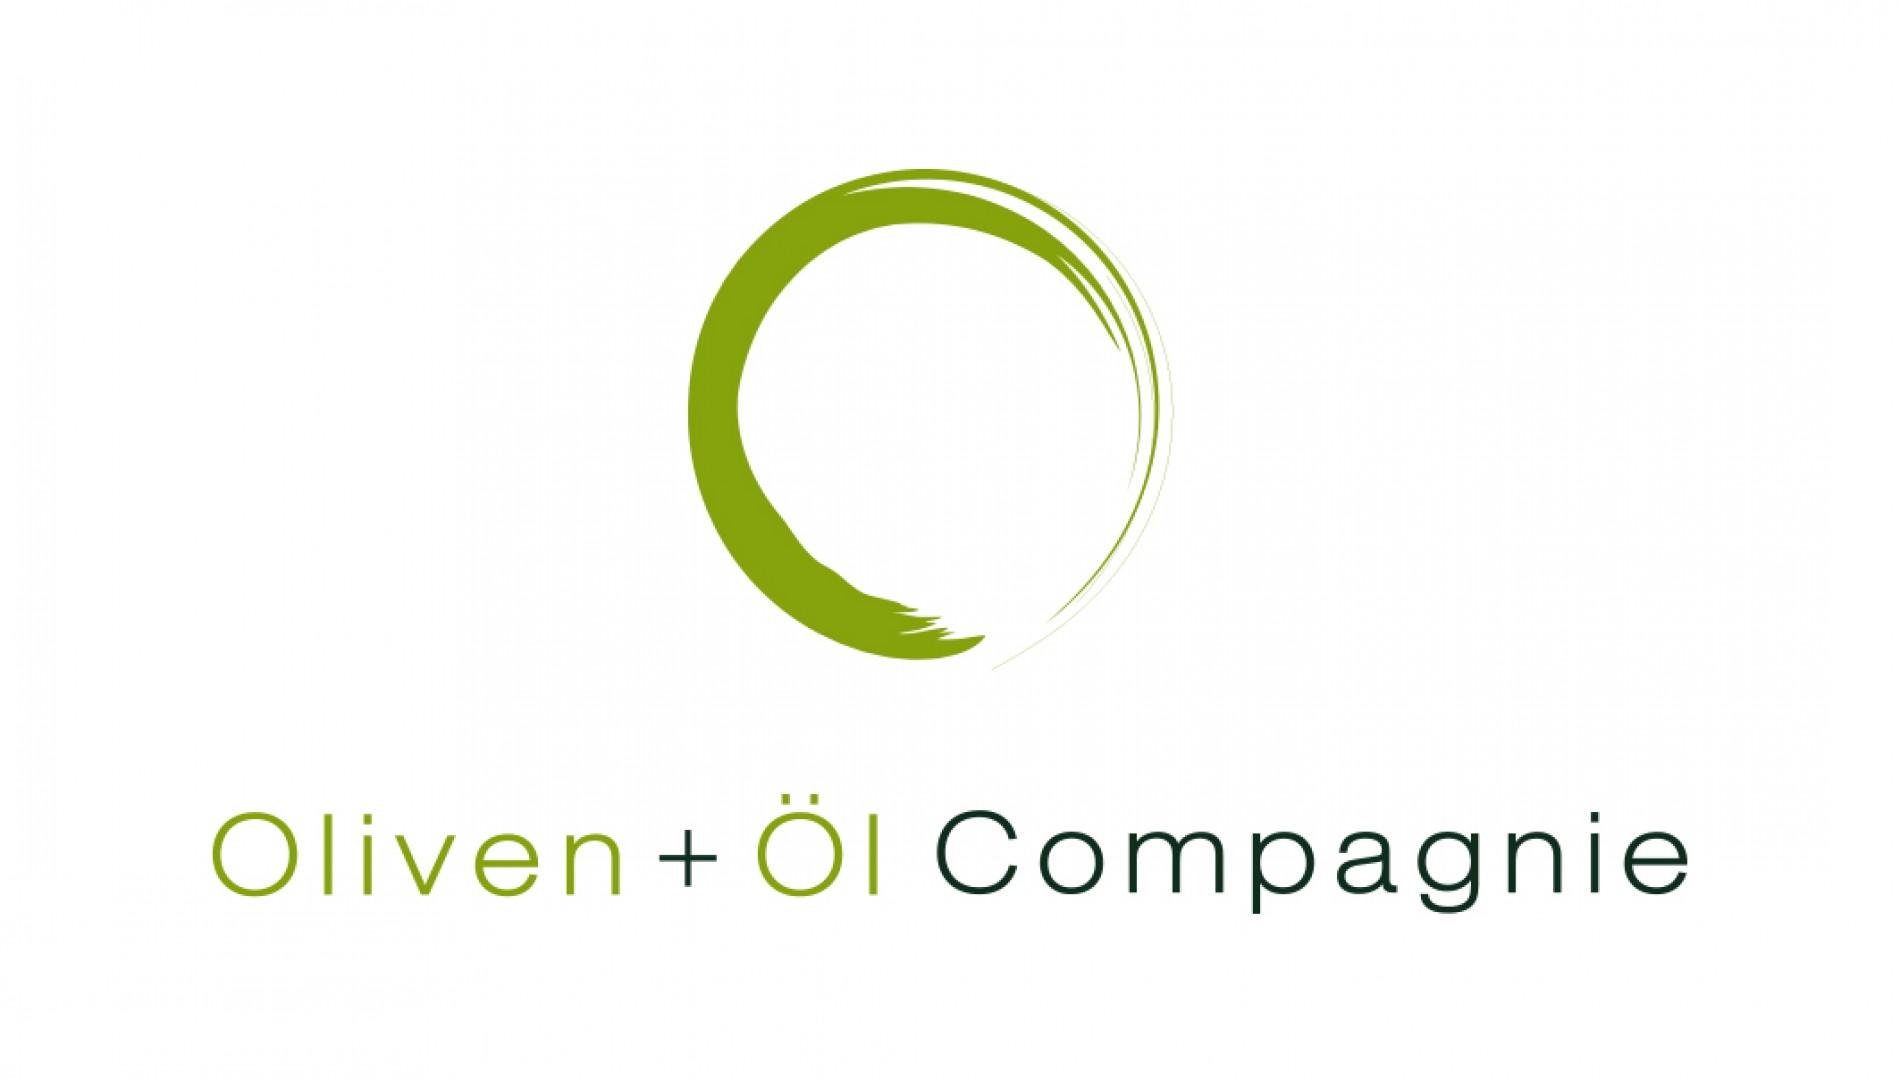 Markenentwicklung und Coporate Design für die Oliven + Öl Compagnie aus Memmingen von der Designagentur das formt aus München